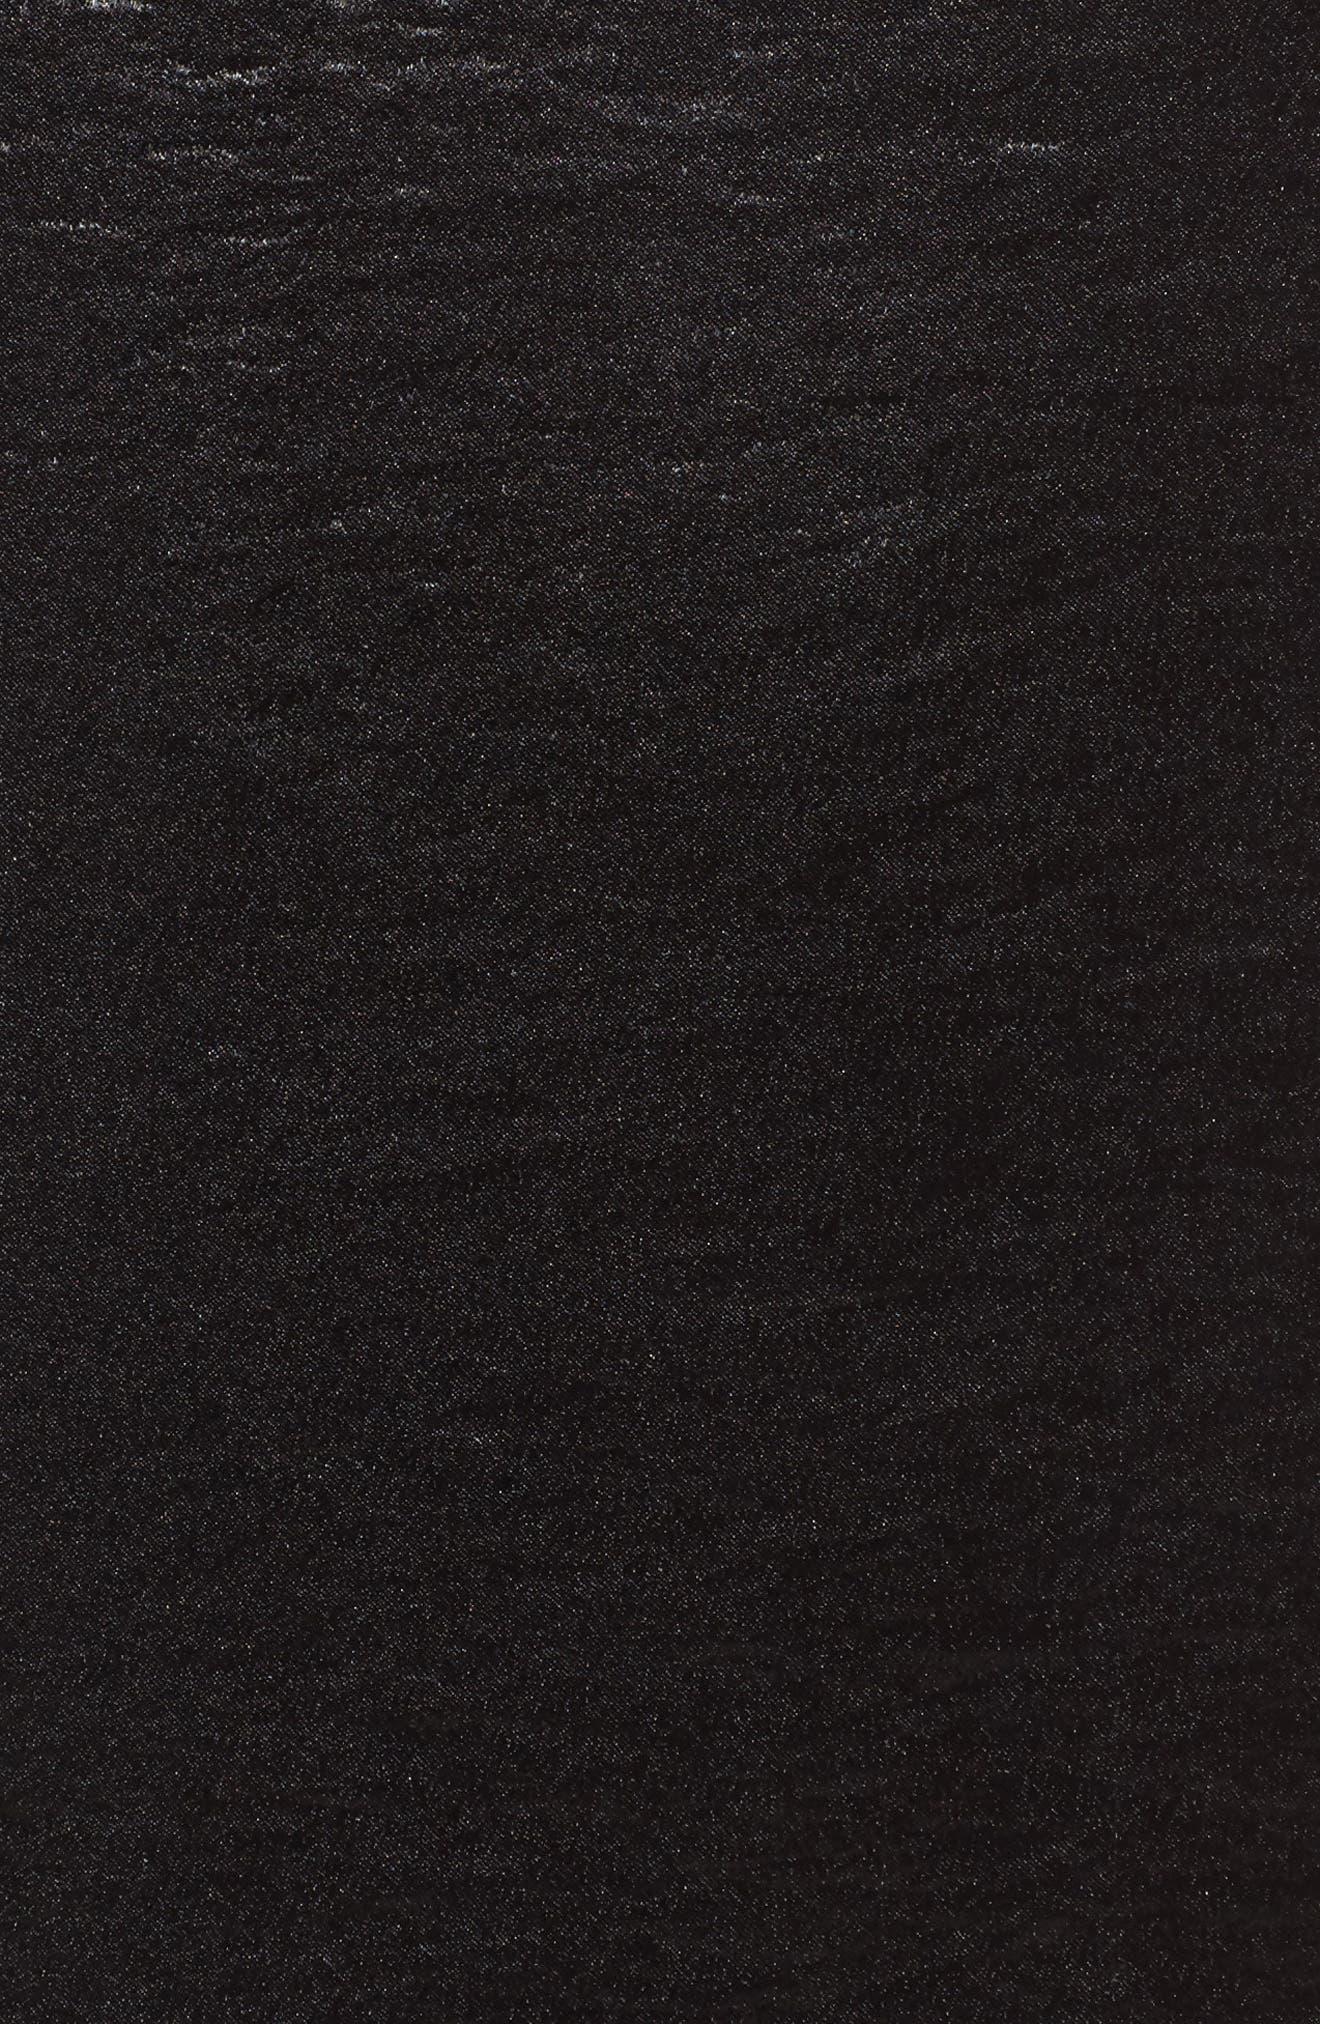 Nash One-Shoulder Shift Dress,                             Alternate thumbnail 5, color,                             001